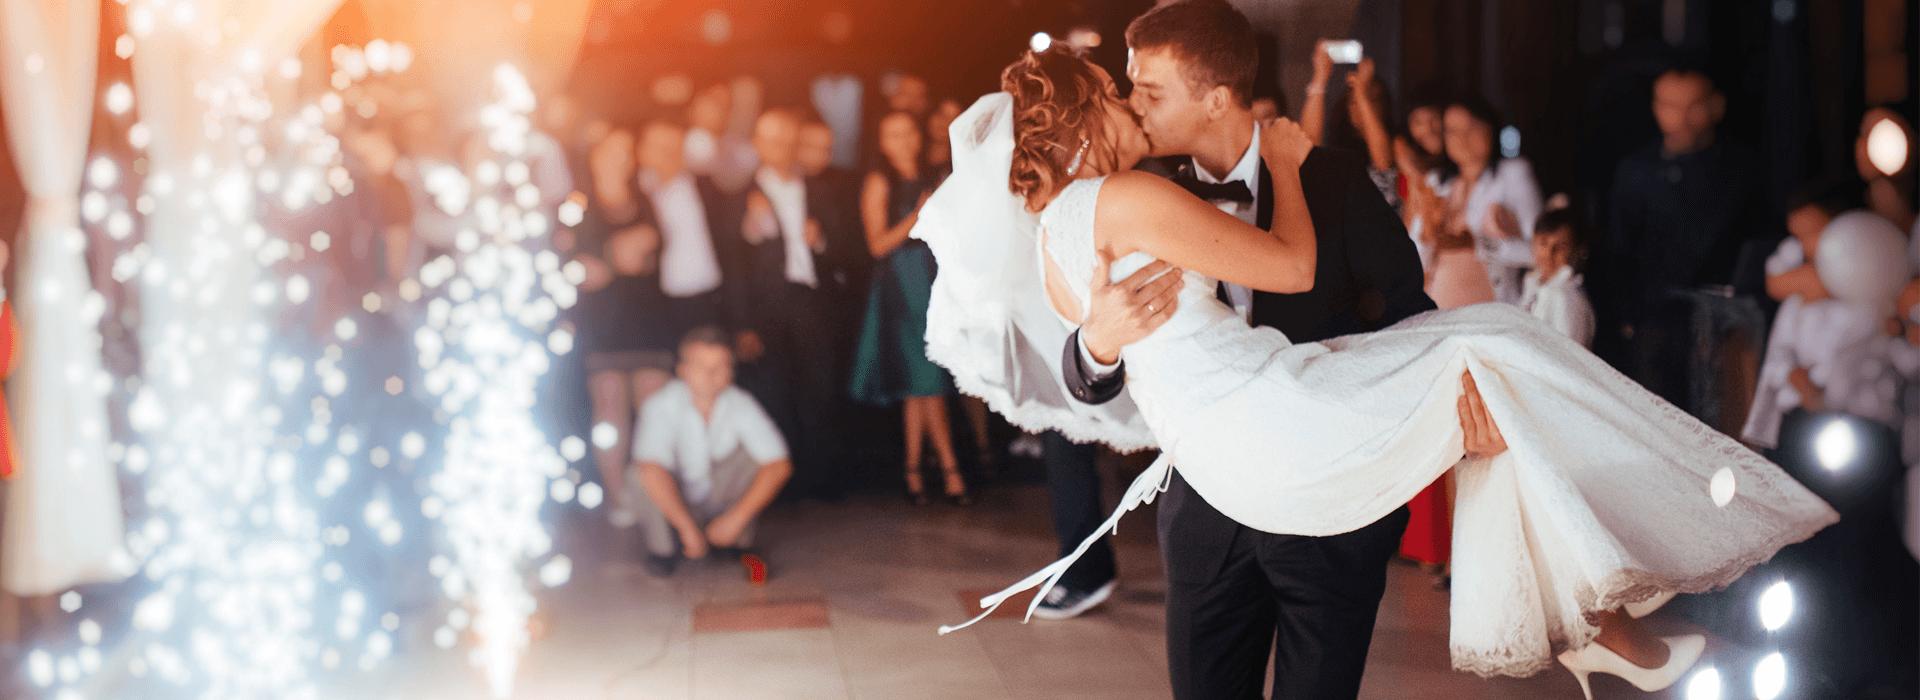 Trouwerij waarbij bruid en bruidegom elkaar kussen